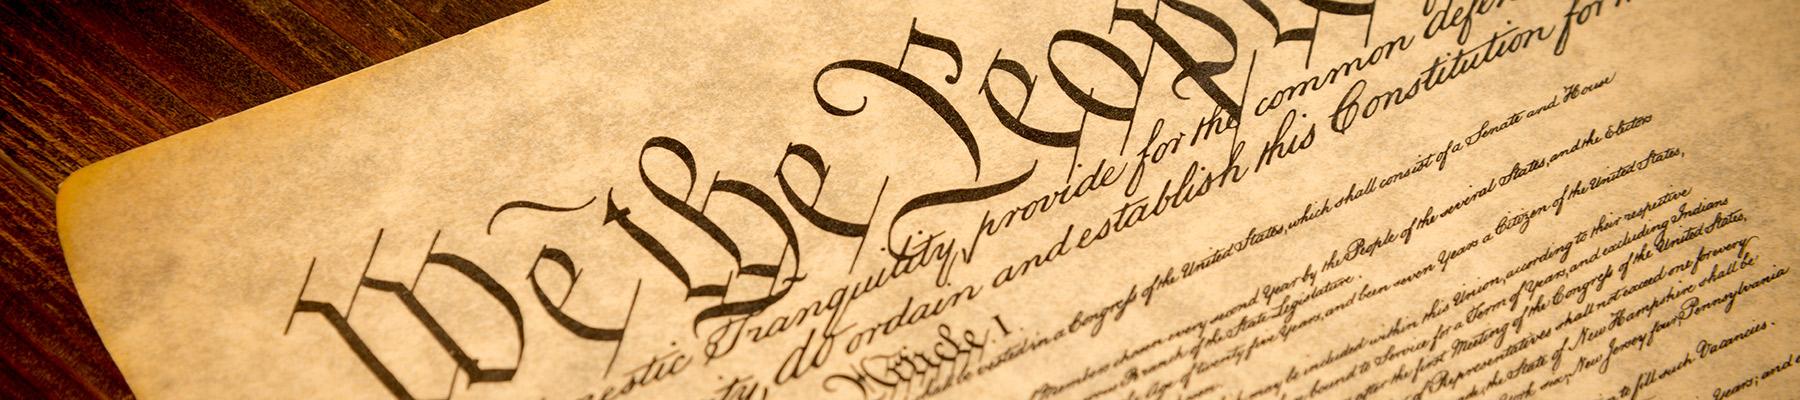 Second Amendment Rights